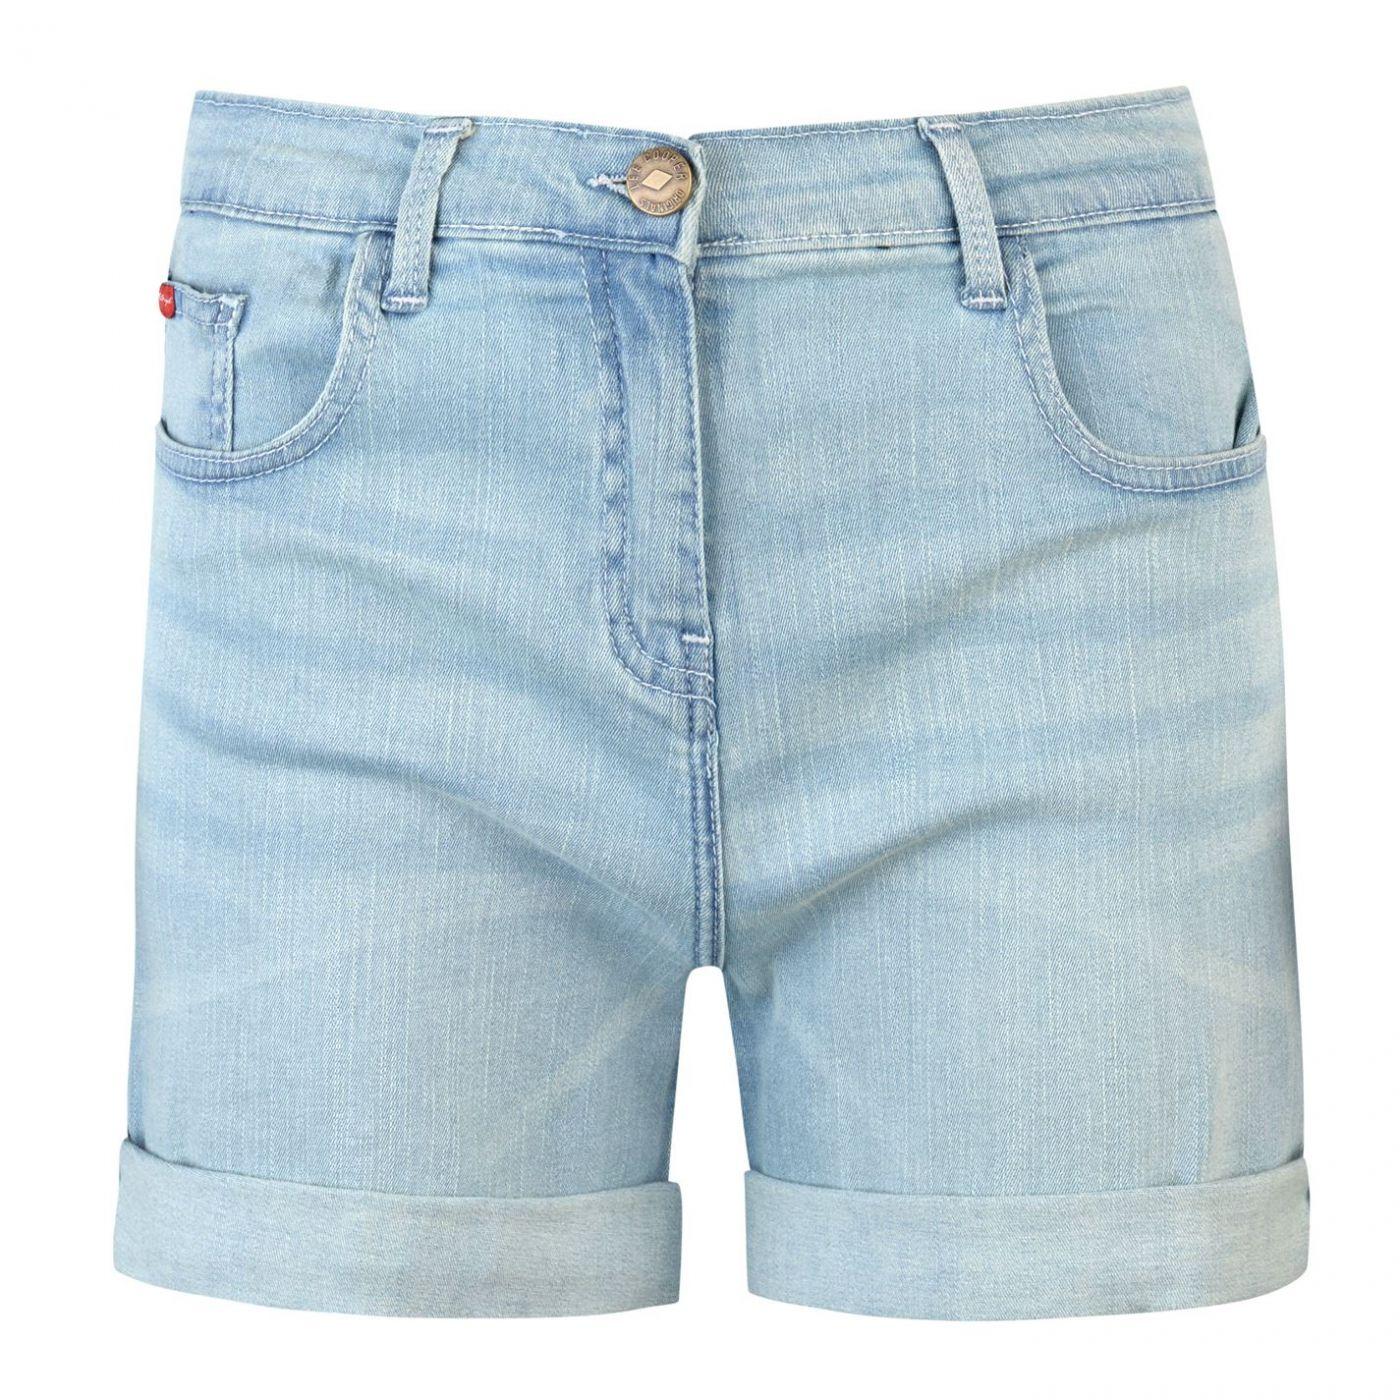 Lee Cooper Regular Denim Shorts Ladies